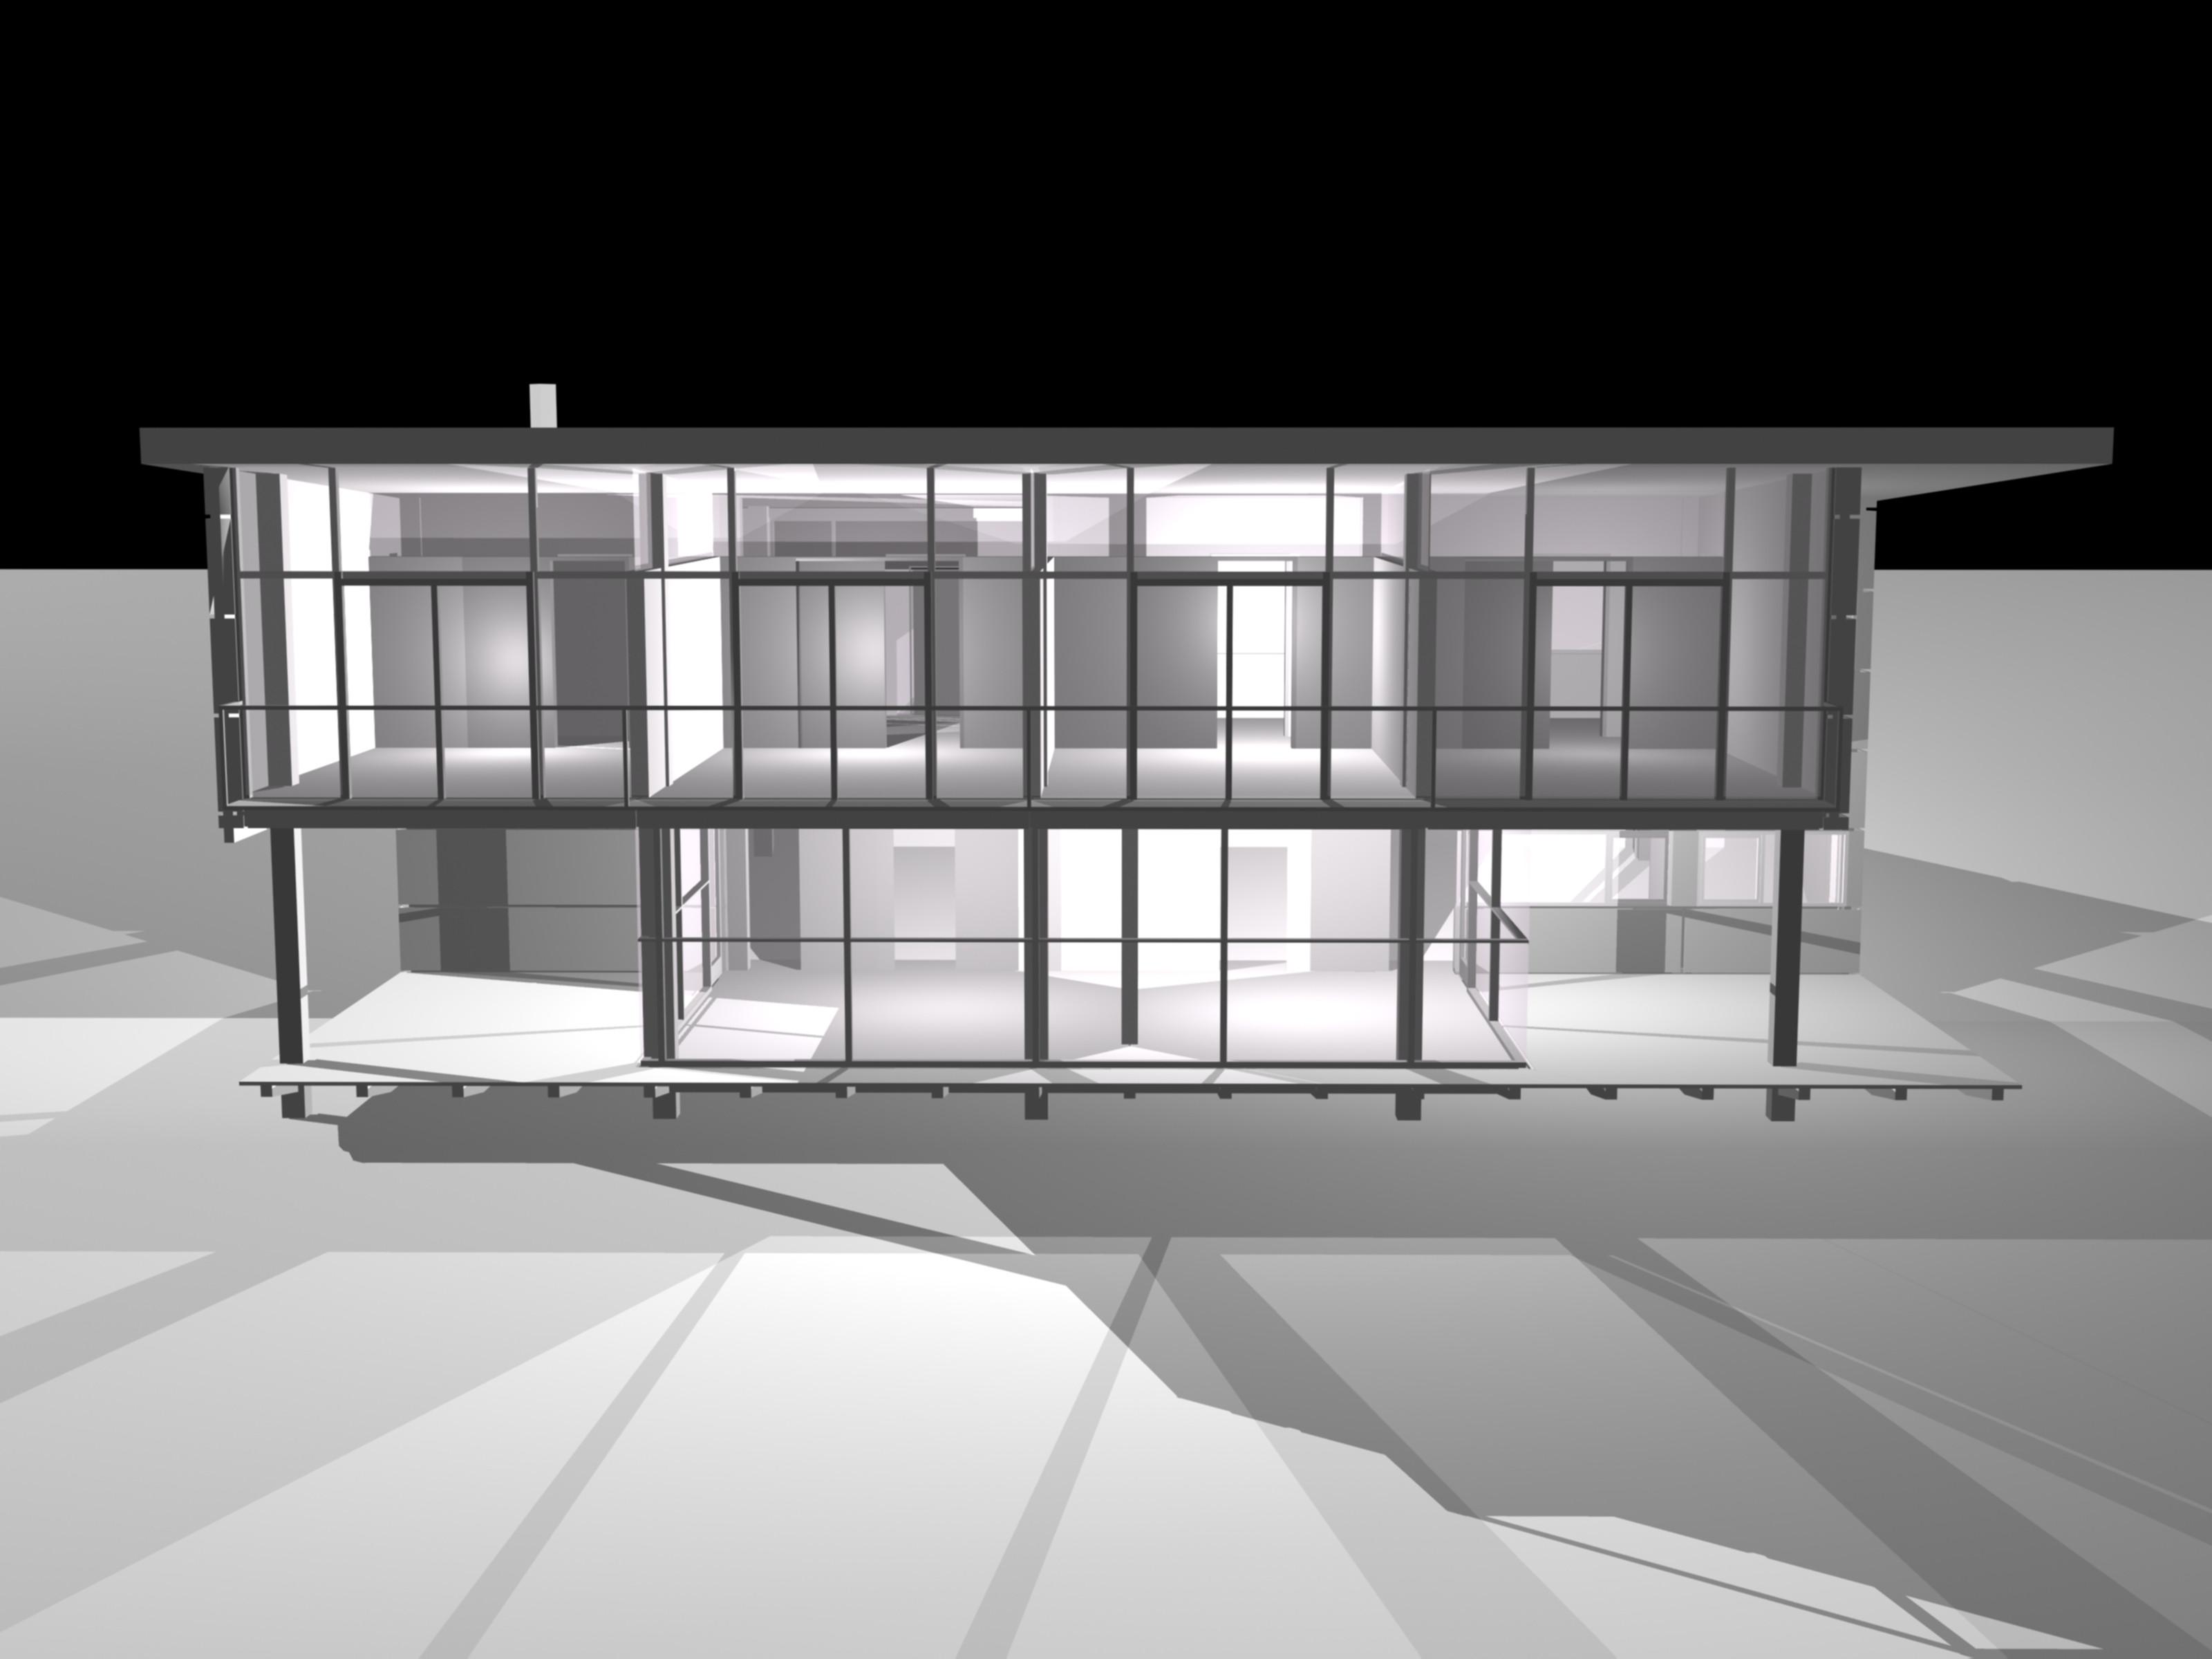 <p>© RUNSER / PRANTL architekten, SOS Kinderdorf Wienerwald, 2371 Hinterbrühl, Niederösterreich, Österreich, Wettbewerb, 2000, Wohnhaus, Kinderdorf, Betreutes Wohnen, Kinder</p>